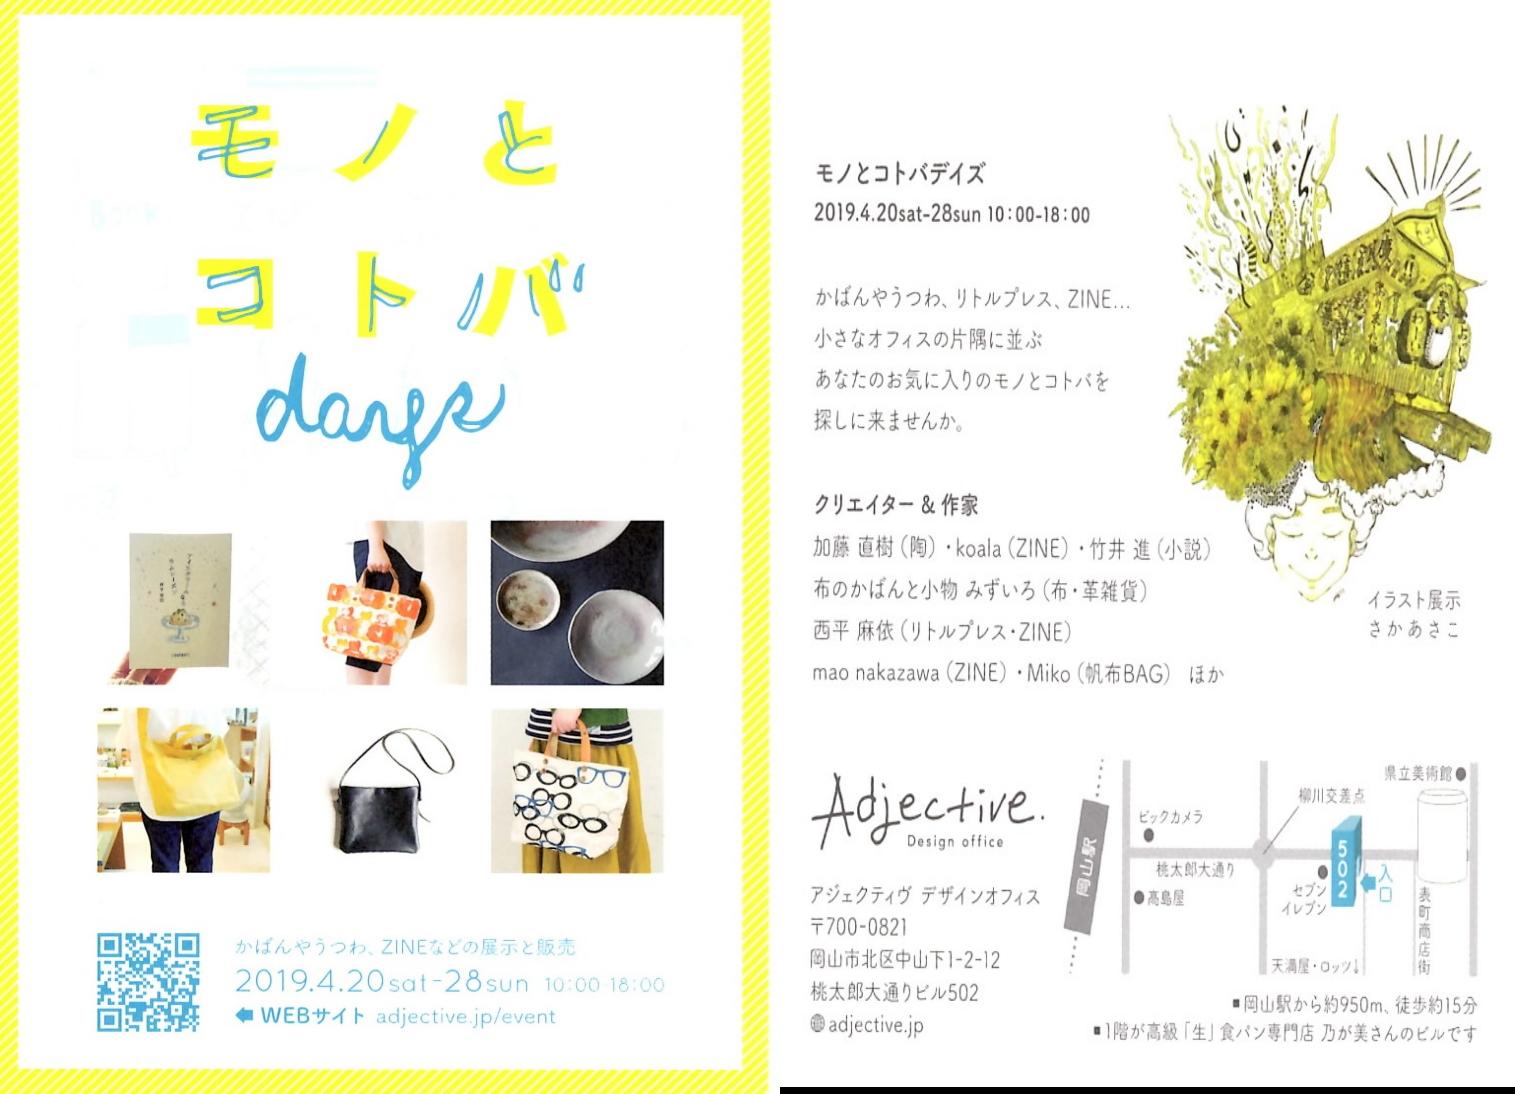 当工房講師の加藤直樹氏が岡山市内でグループ展に参加します。 2019.4.20~4.28の開催です。